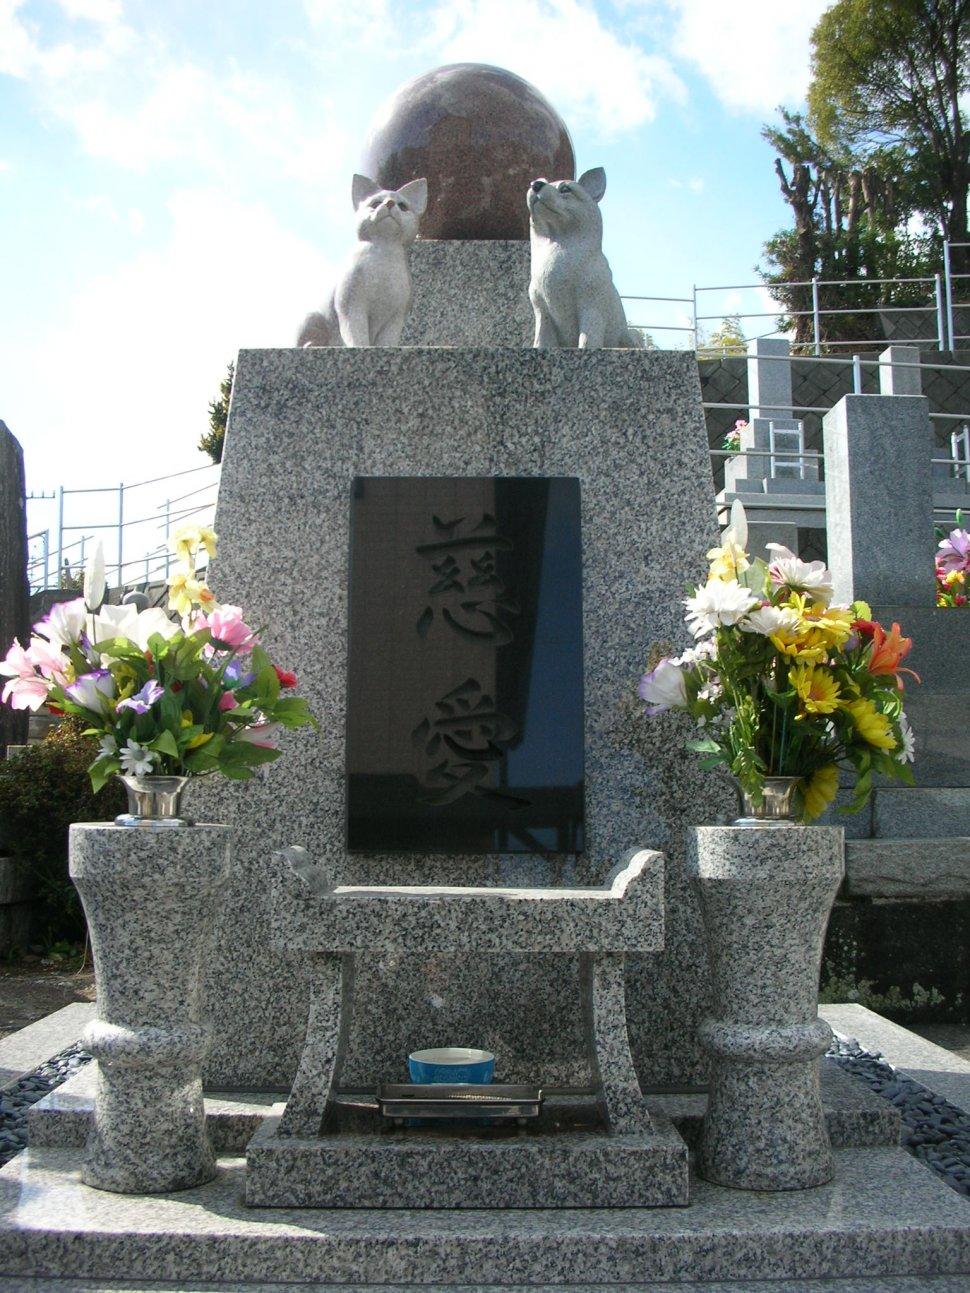 ペット墓石 ペット供養塔